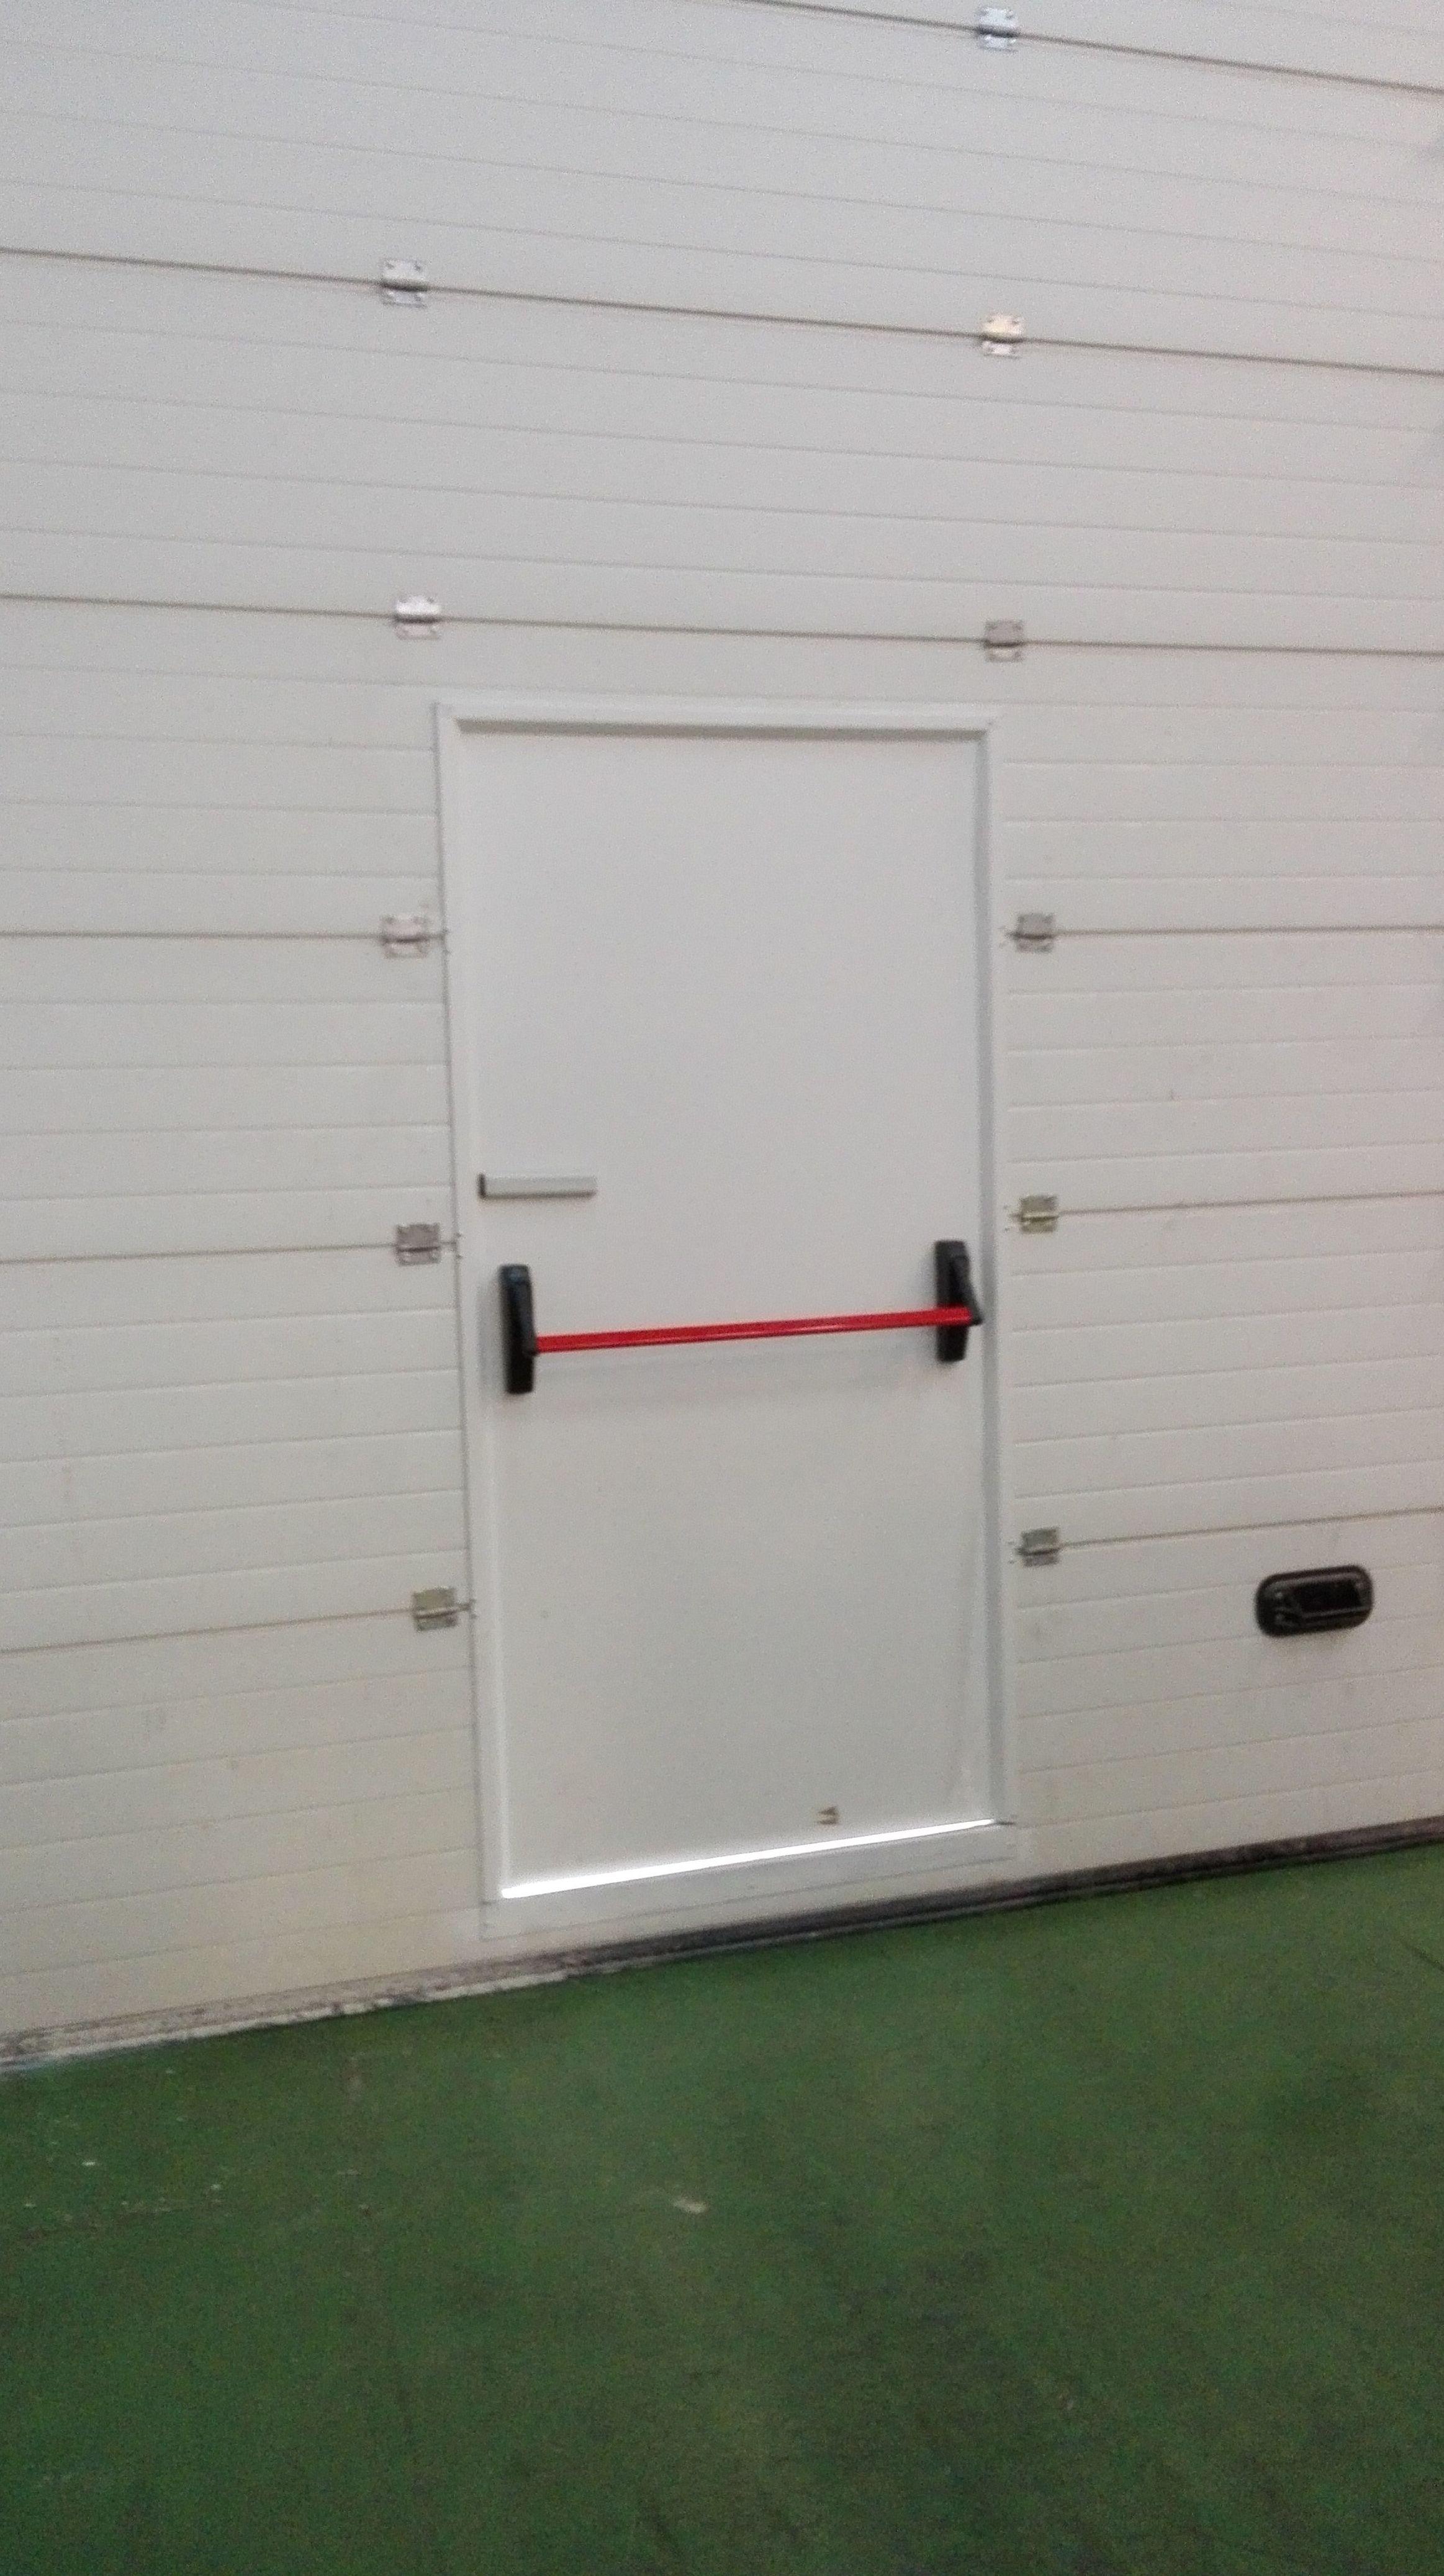 puerta peatonal con seguridad de puerta abierta